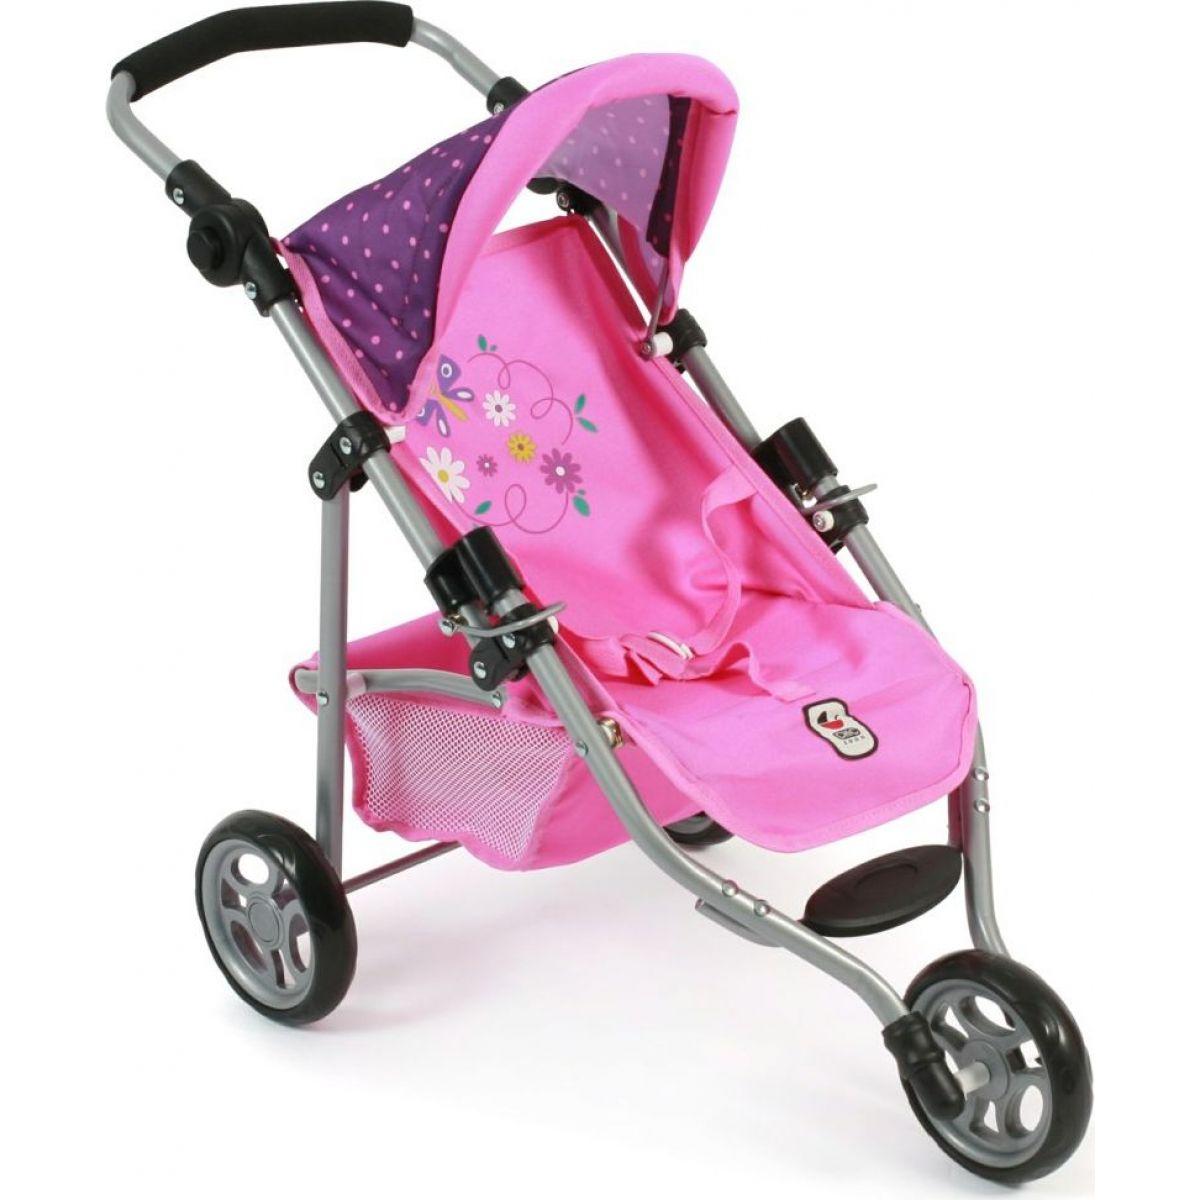 Bayer Chic Kočárek pro panenky Lola - Dots purple pink